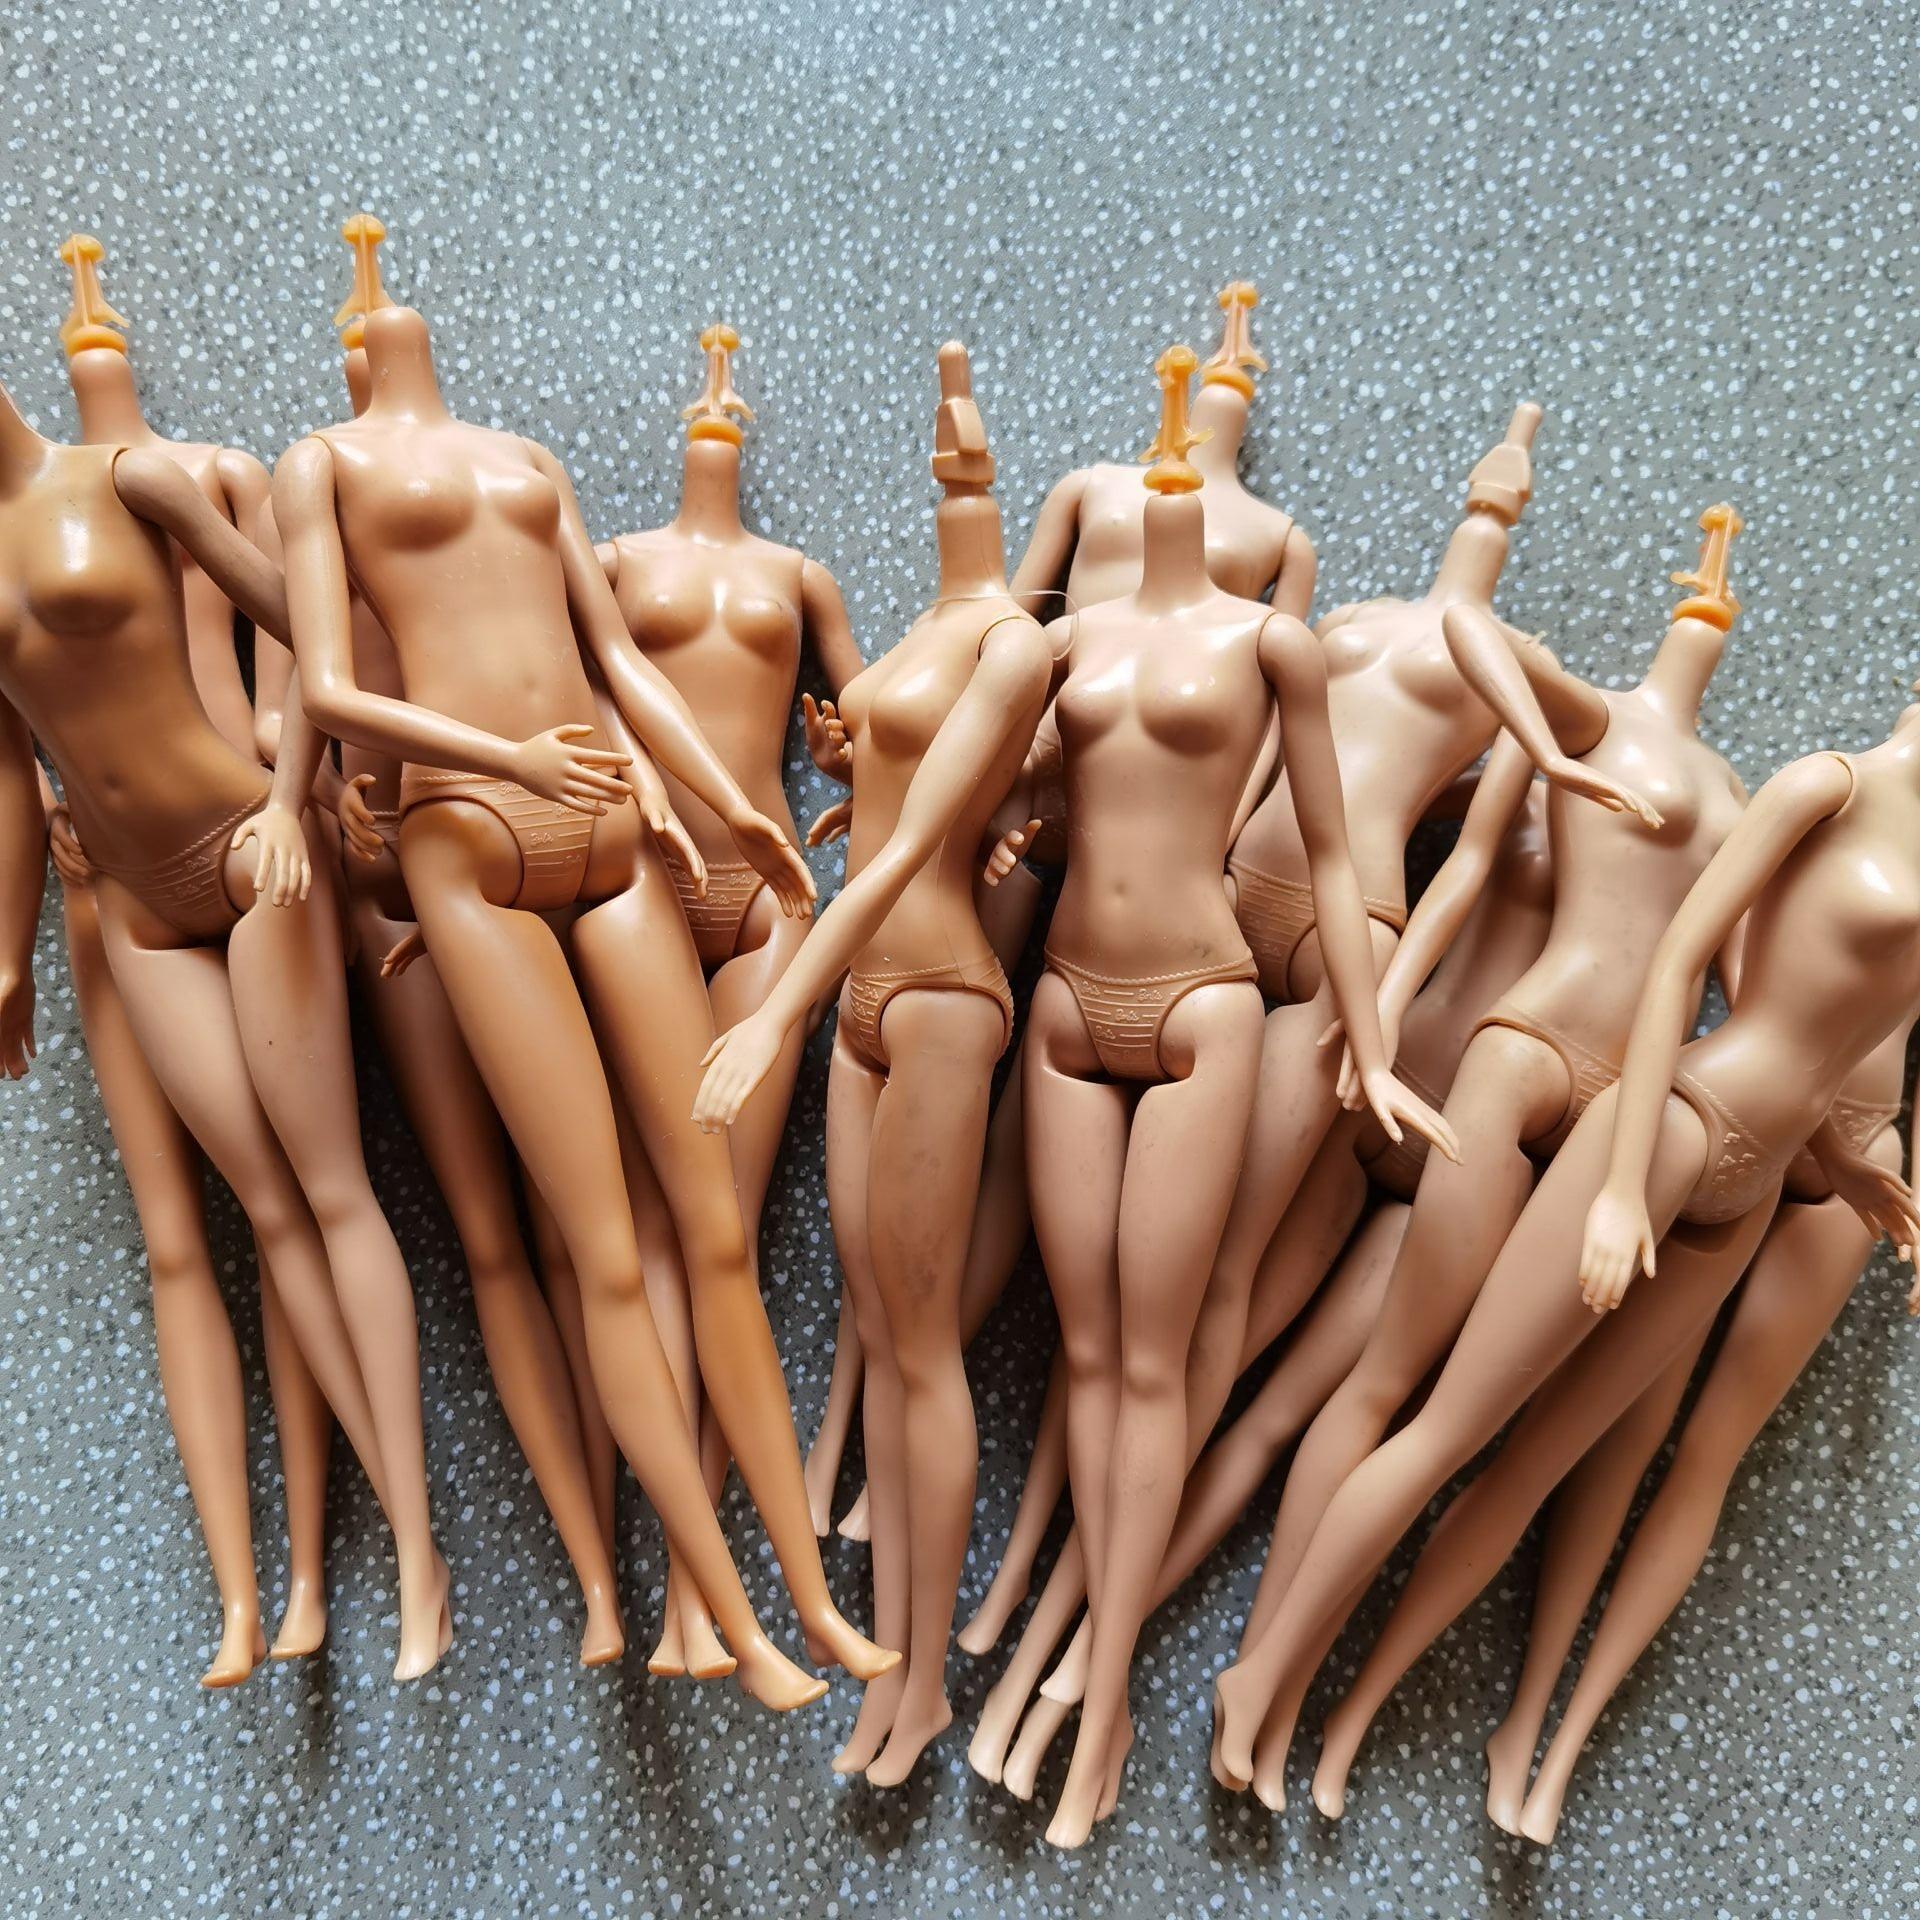 Оригинальный Женский ферритический обнаженный для шарнирных кукол barbi аксессуары без головы игрушки Аксессуары для кукол тело